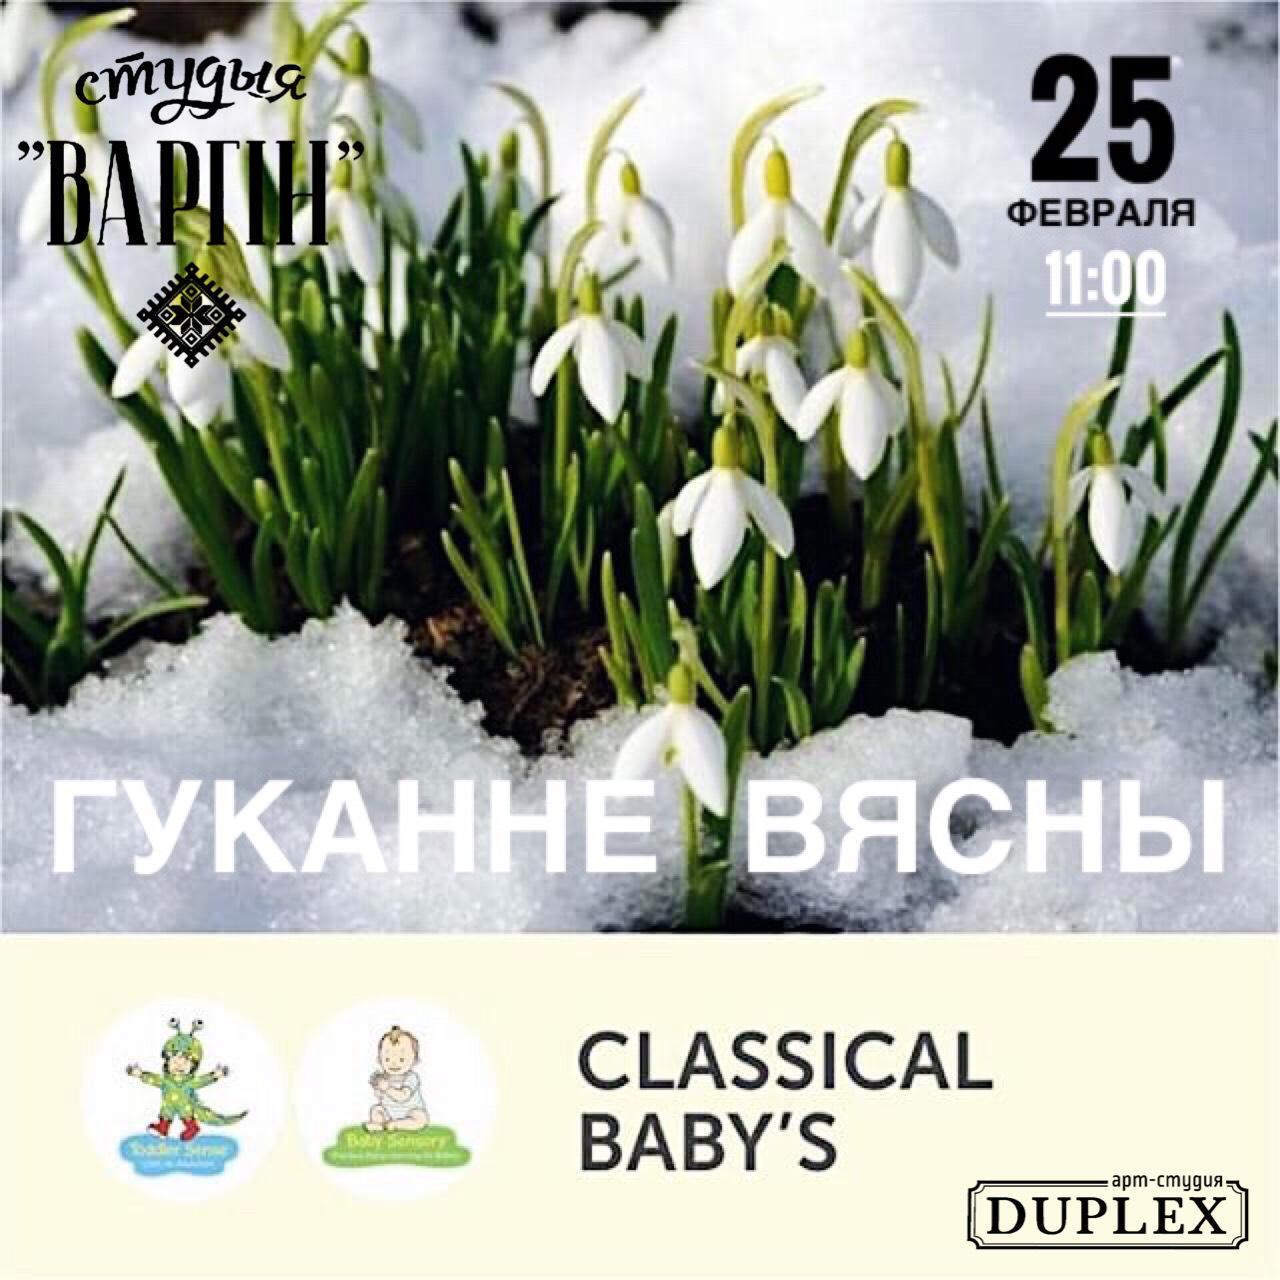 Афиша Концерт «Гуканне вясны» в Арт-студии «Дюплекс»